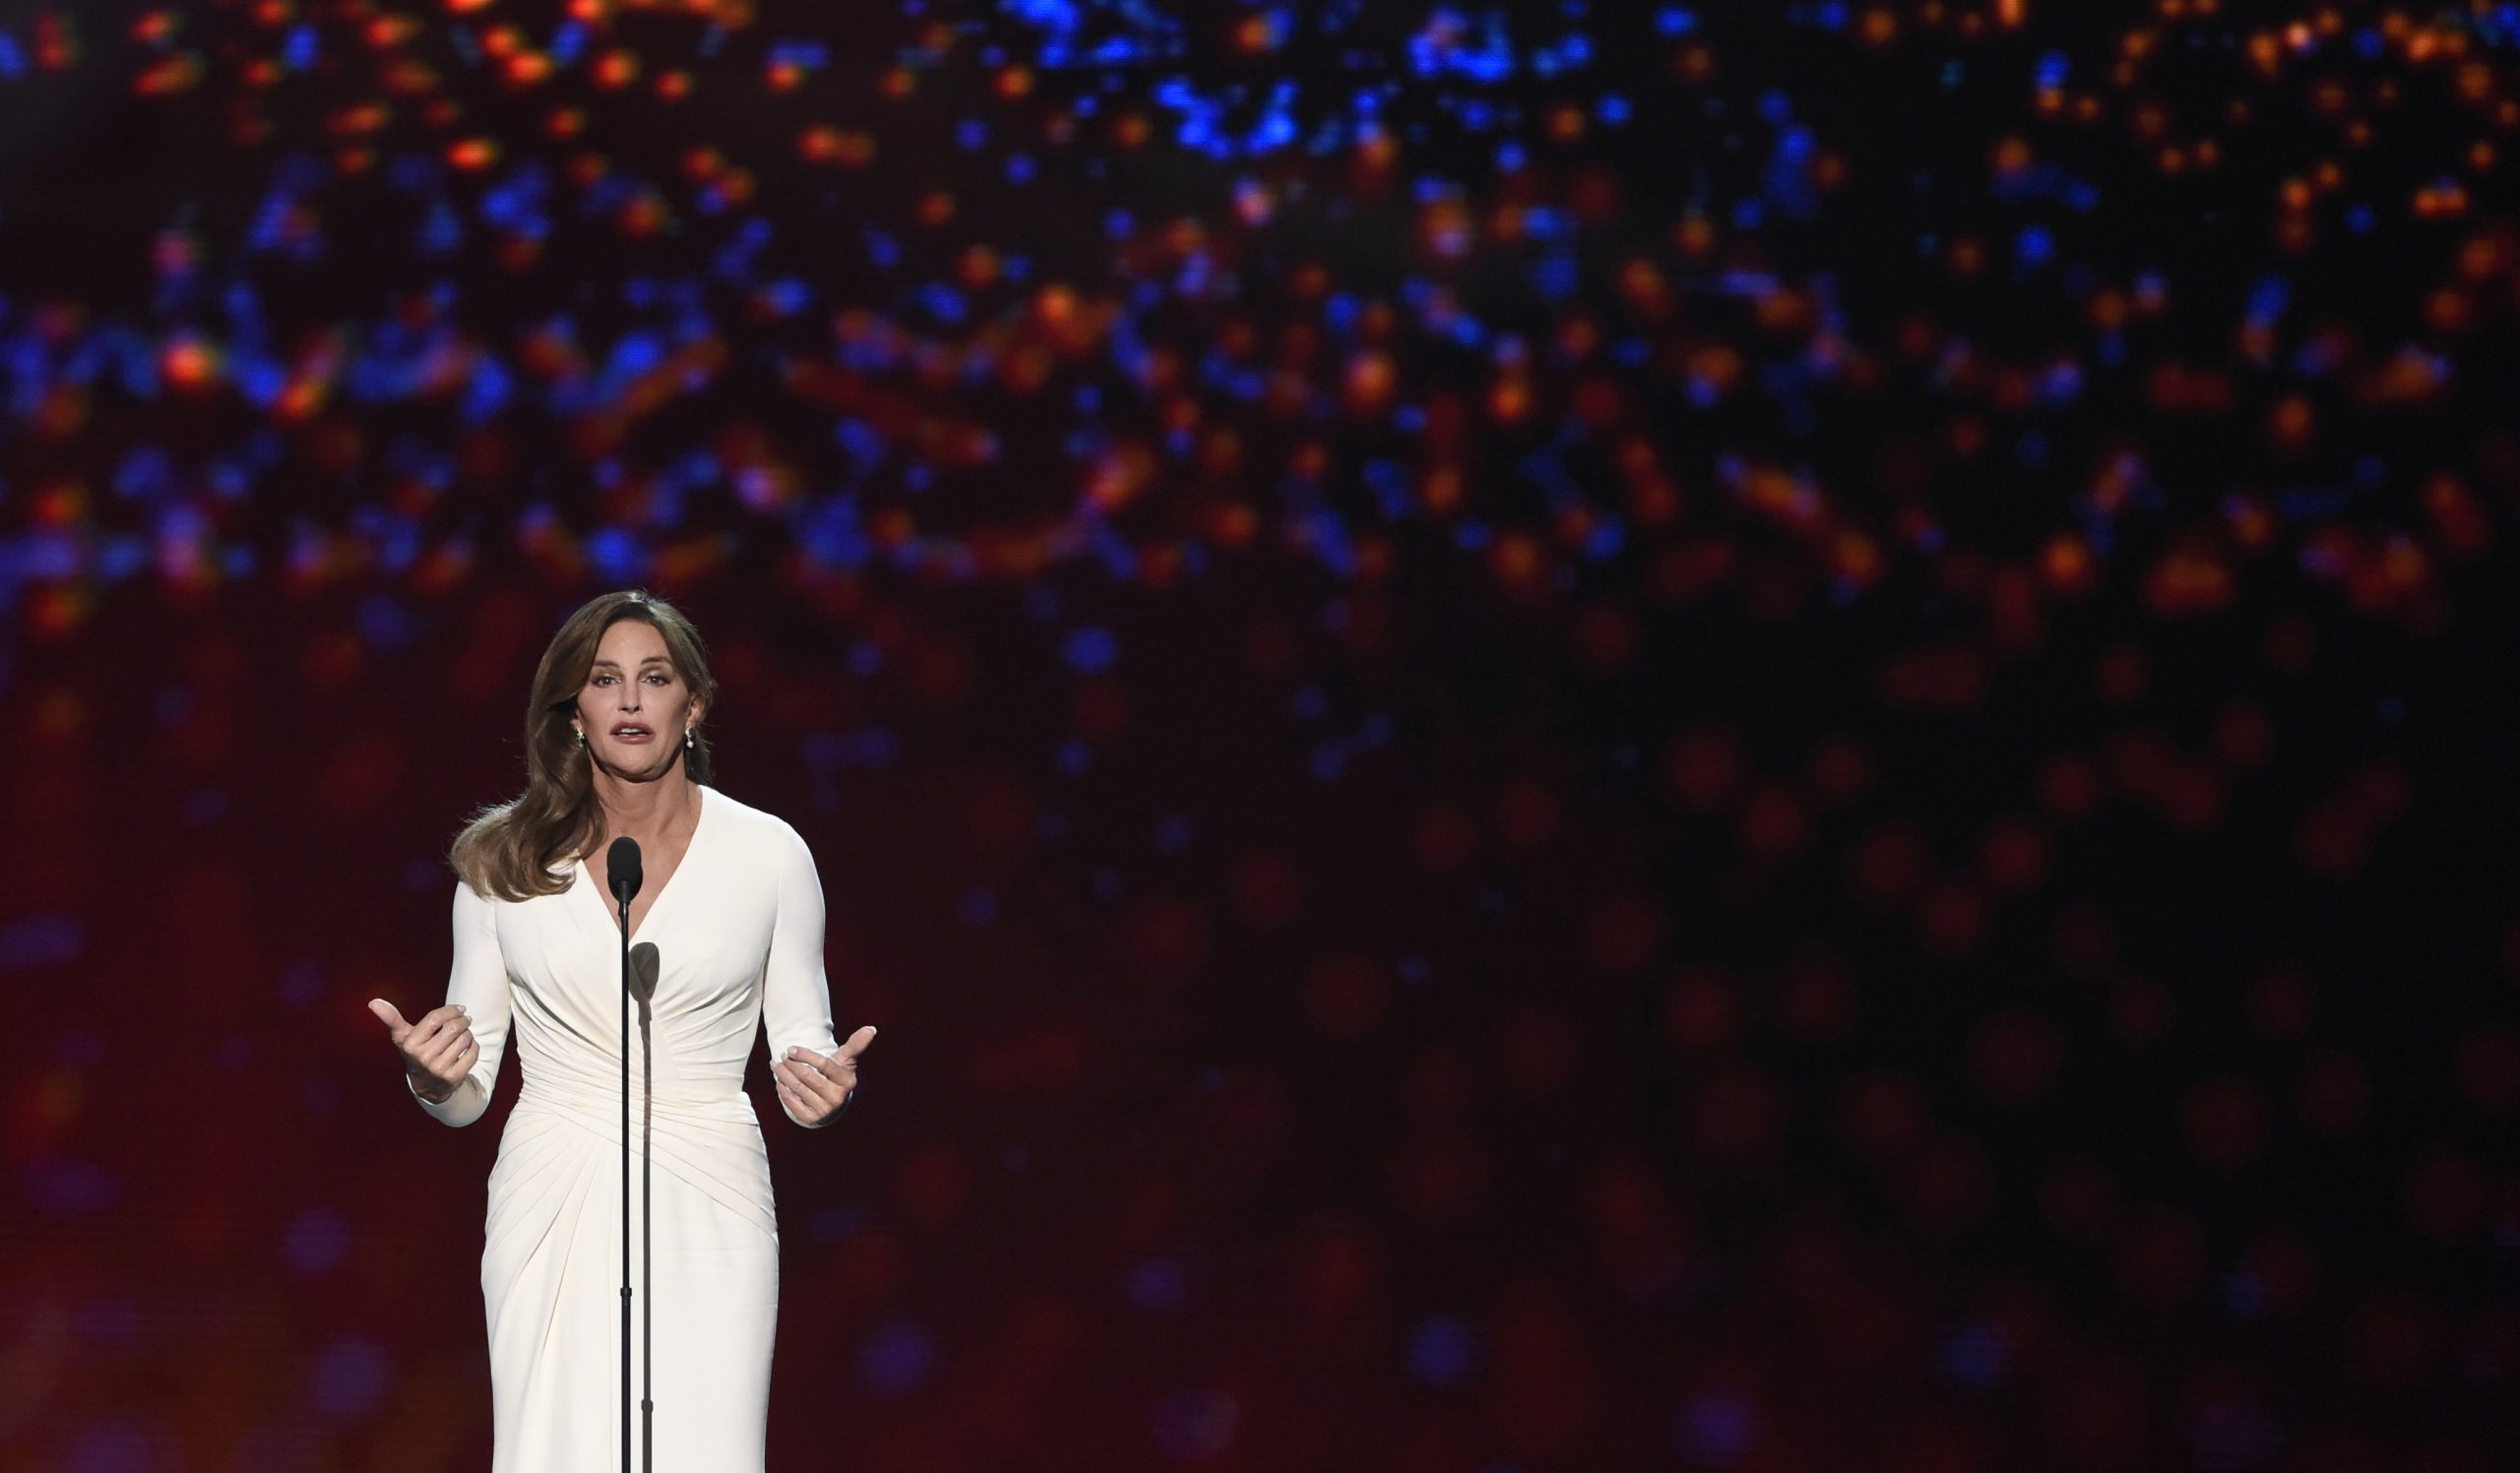 Caitlyn Jenner dio un emotivo discurso en los ESPY Awards.